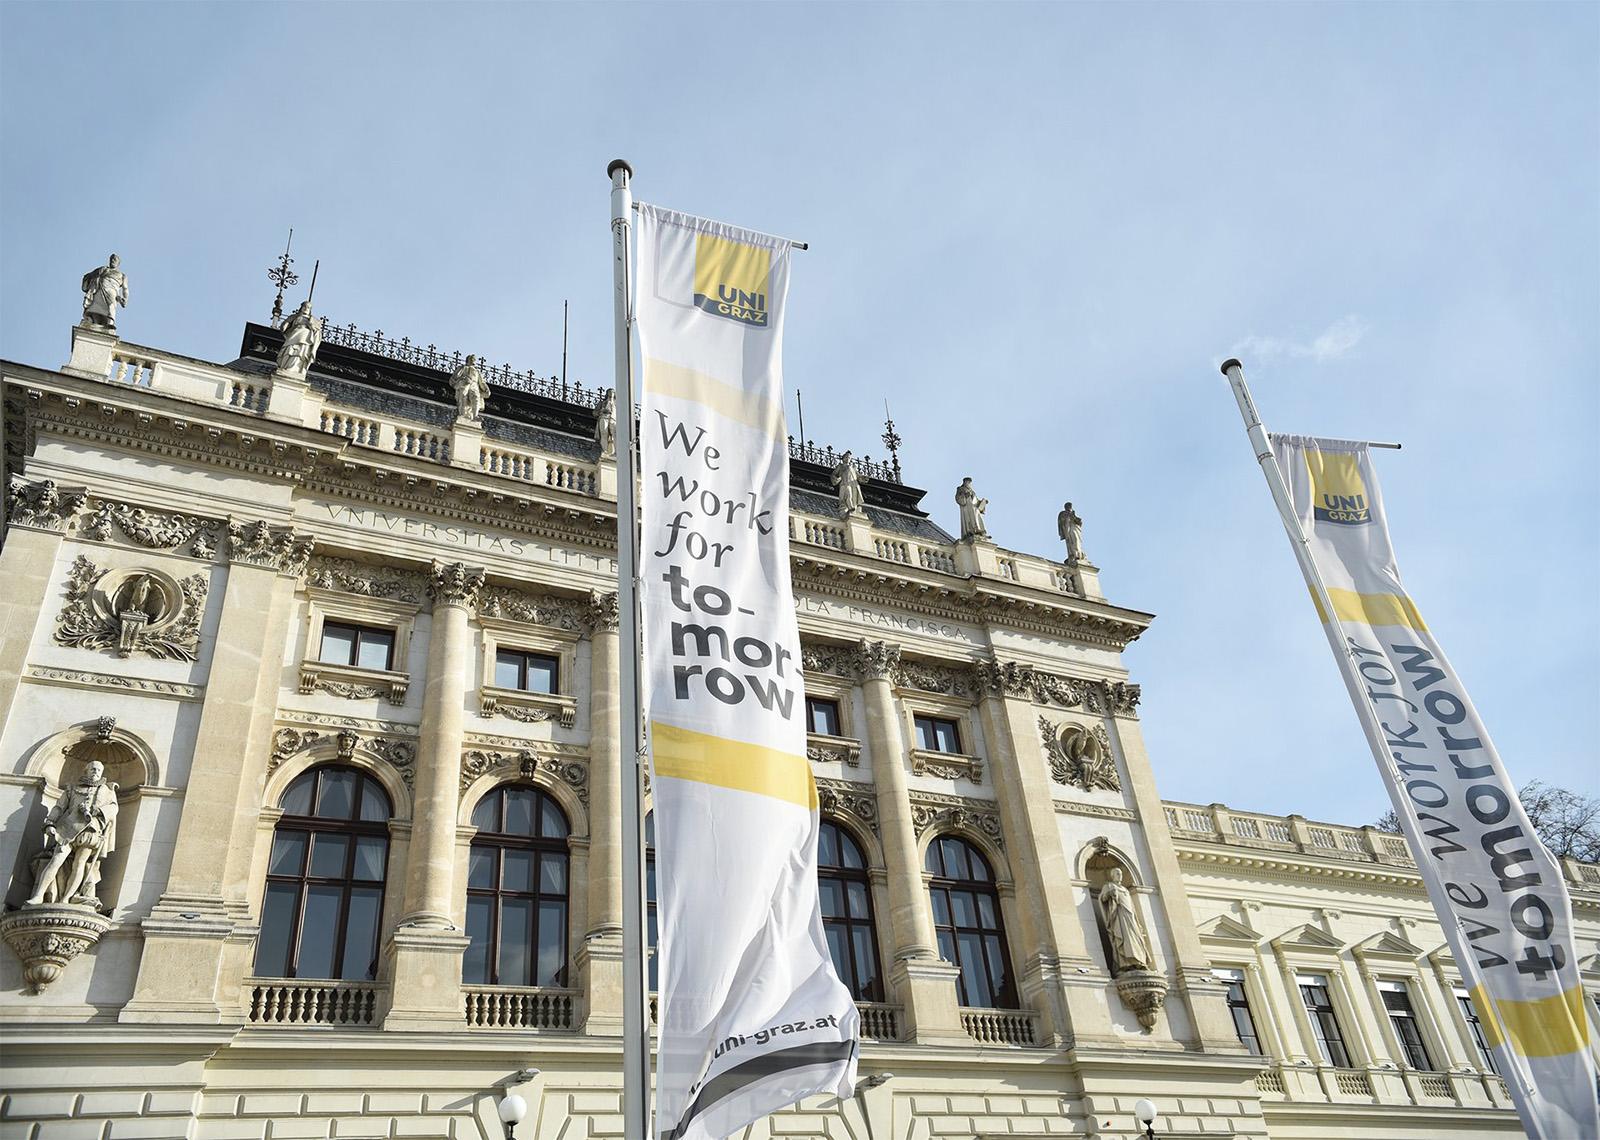 Uni Graz Außenansicht historische Fassade mit Fahnen